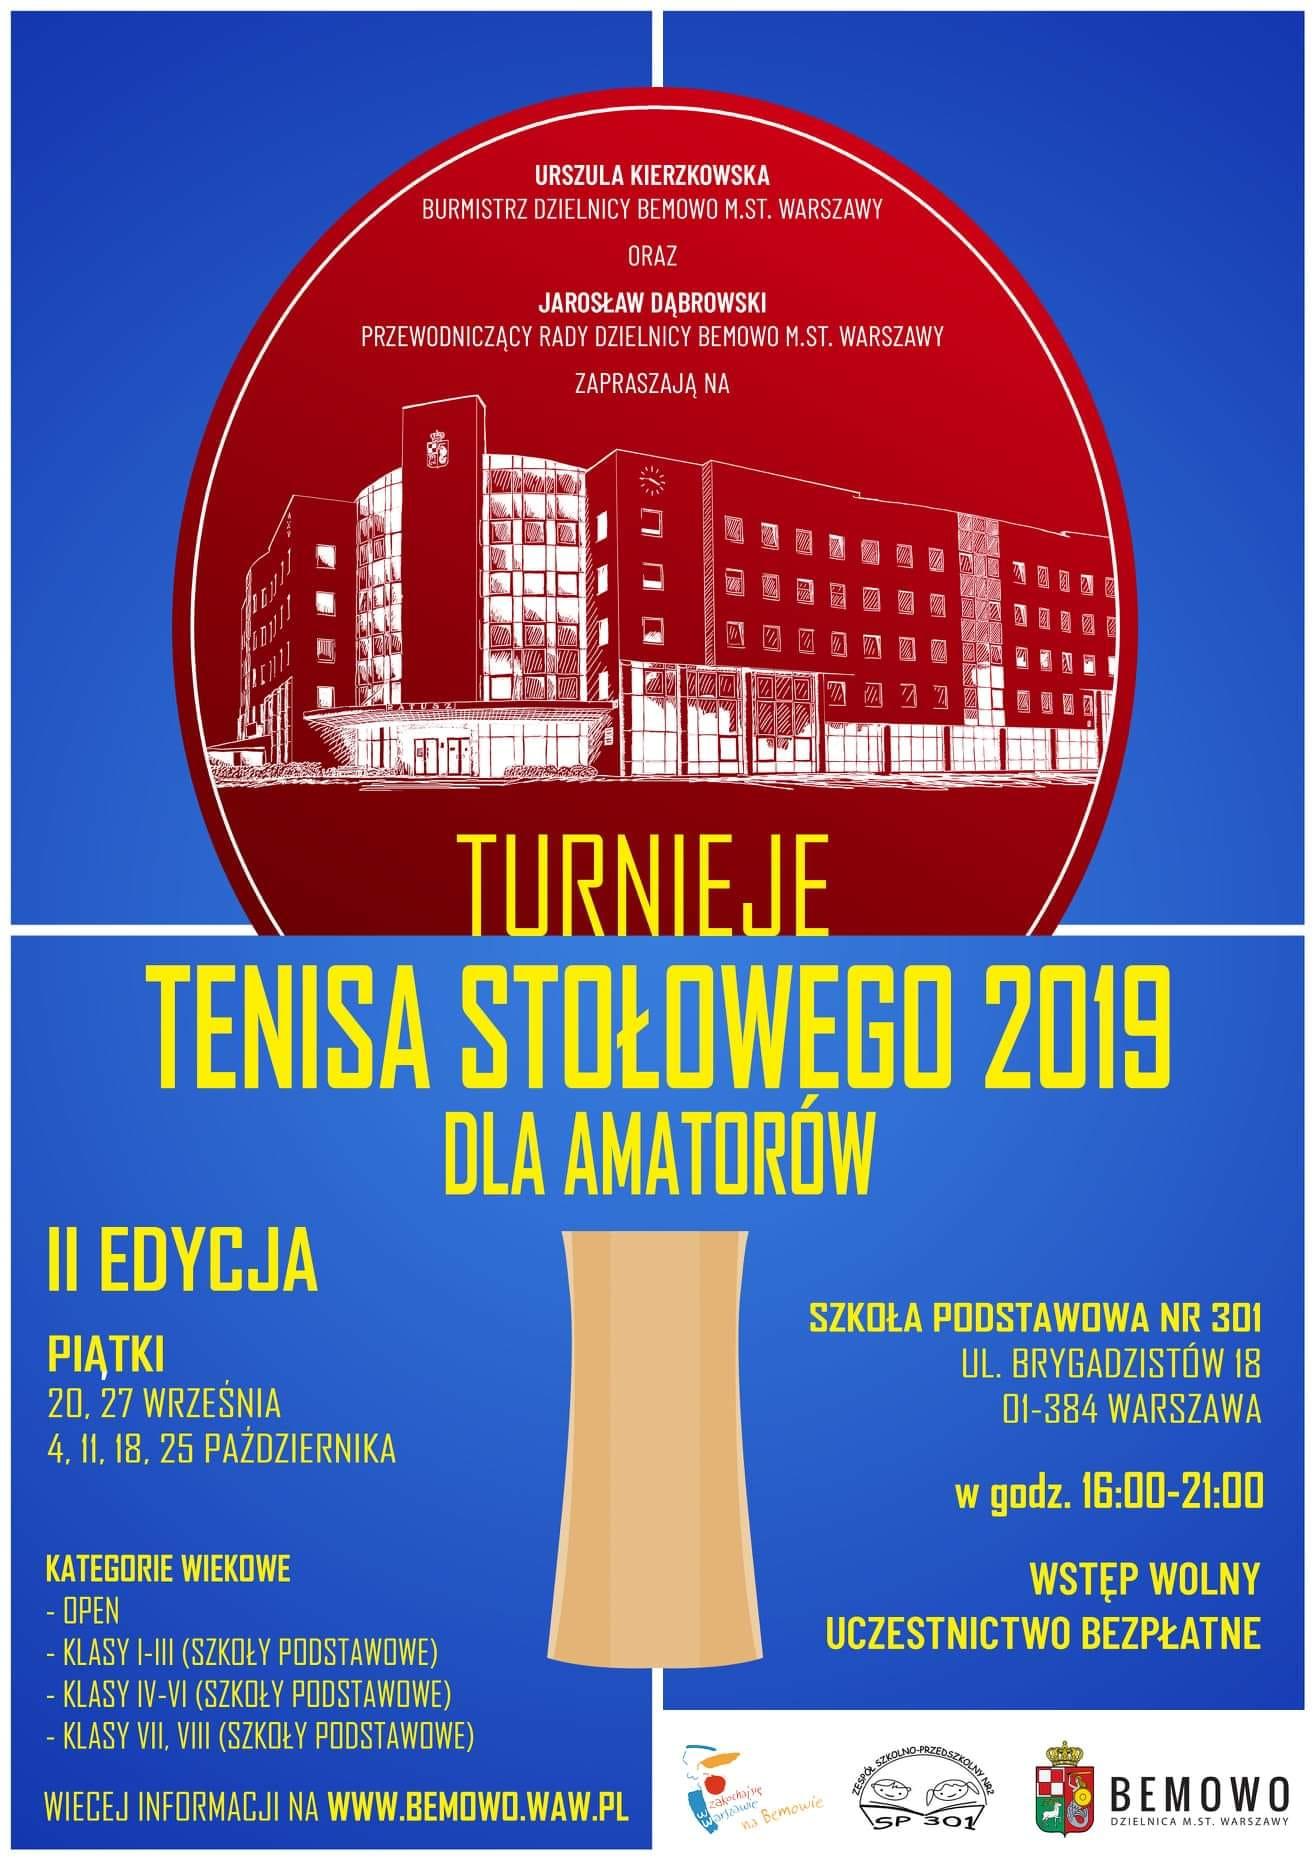 Plakat turnieju Turnieje tenisa stołowego Bemowo - Brygadzistów (27 września 2019) - II EDYCJA